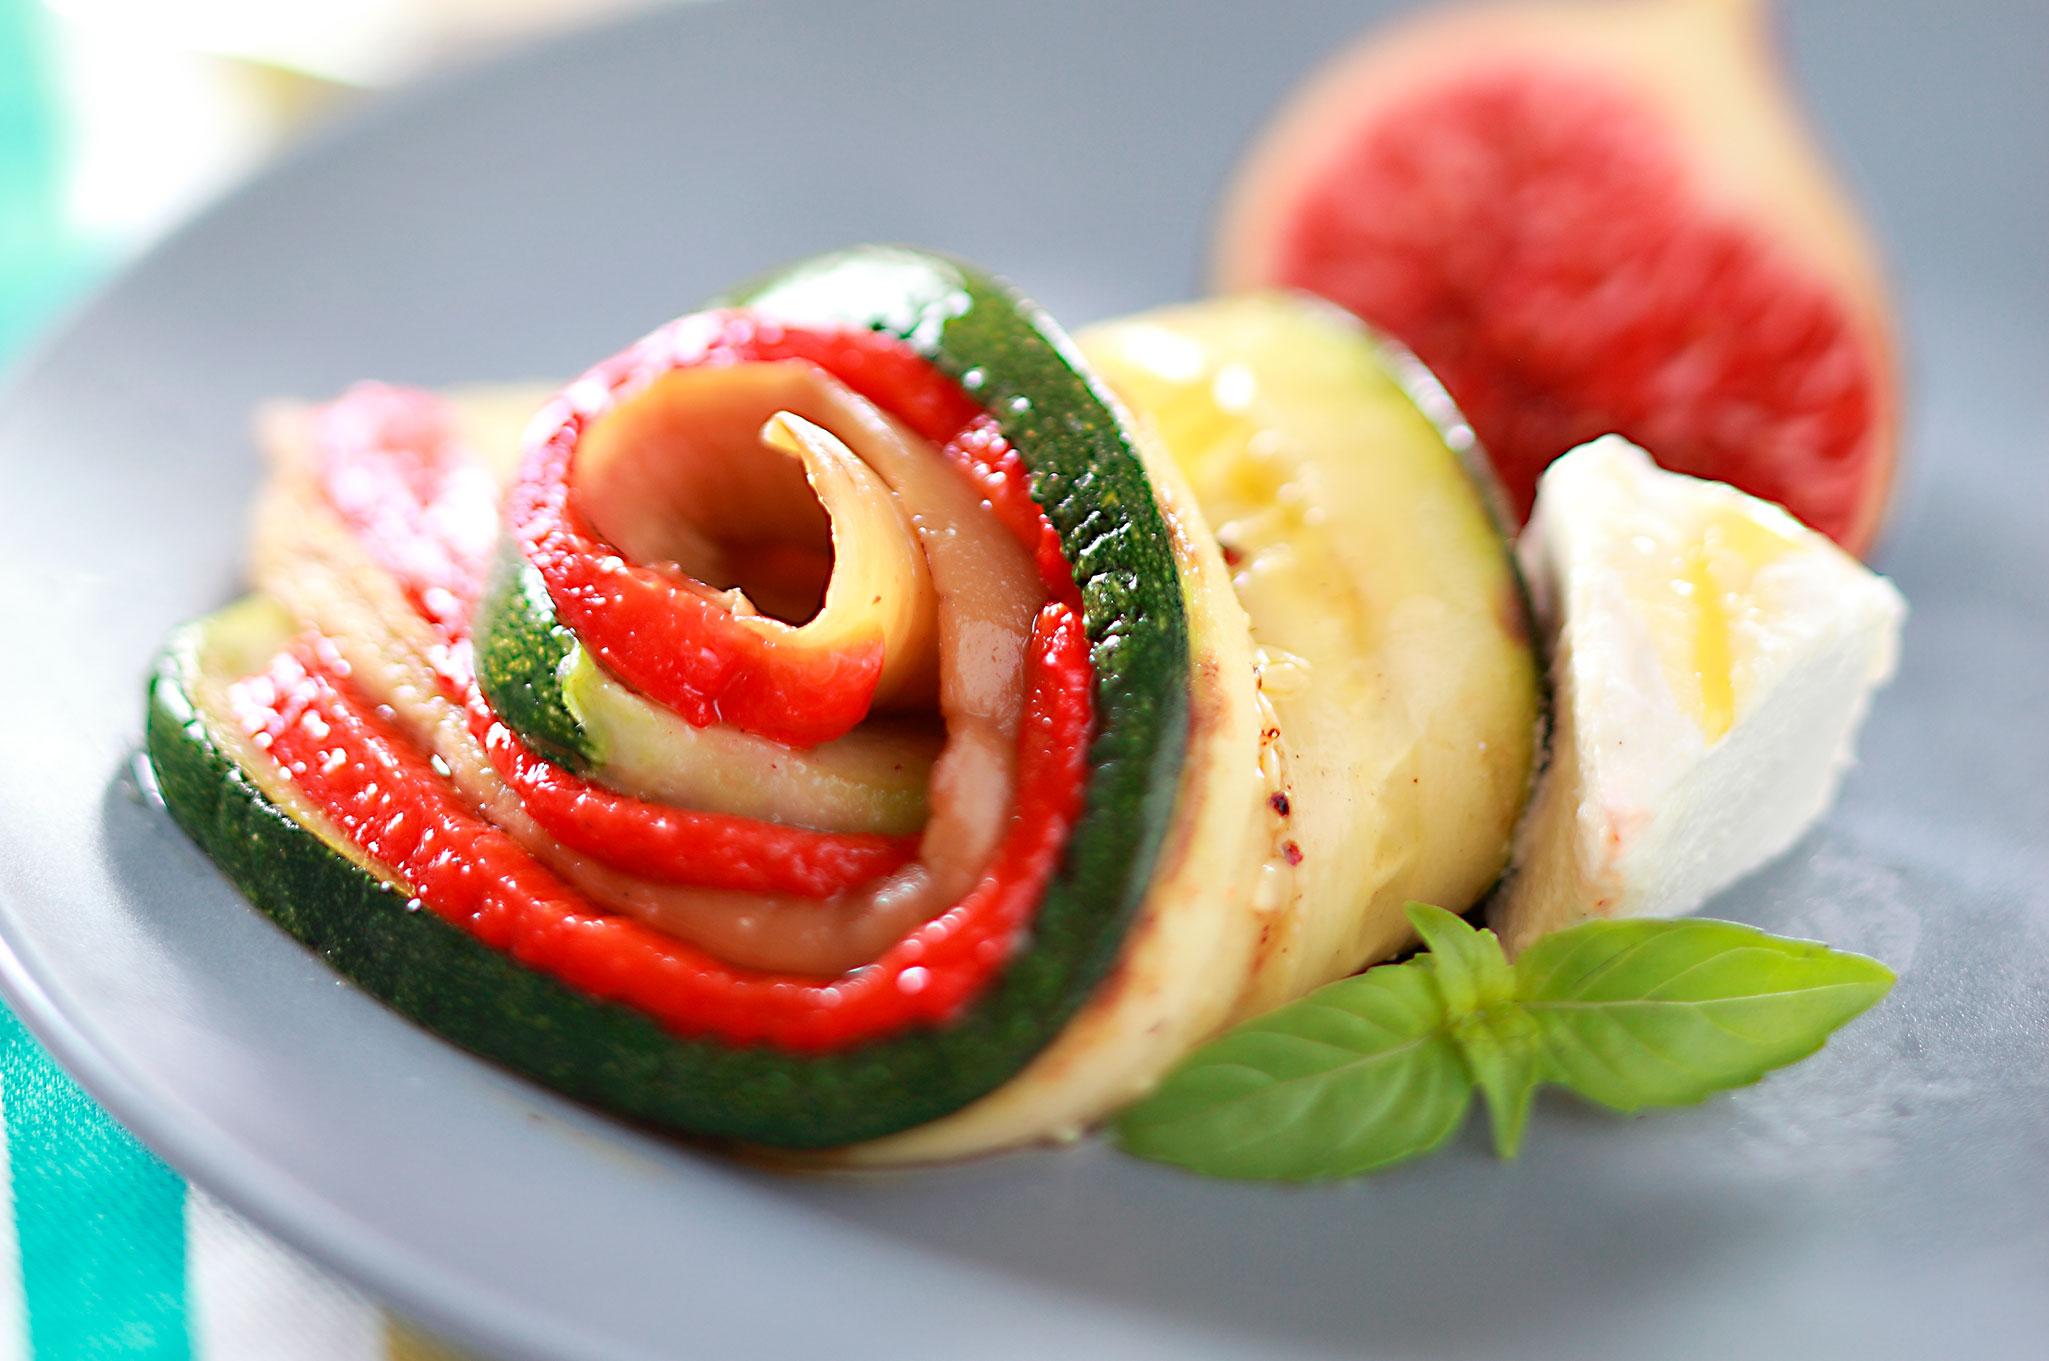 http://www.laboucleromaine.fr/wp-content/uploads/sites/6/2019/03/bloc_sommaire_gastronomie.jpg